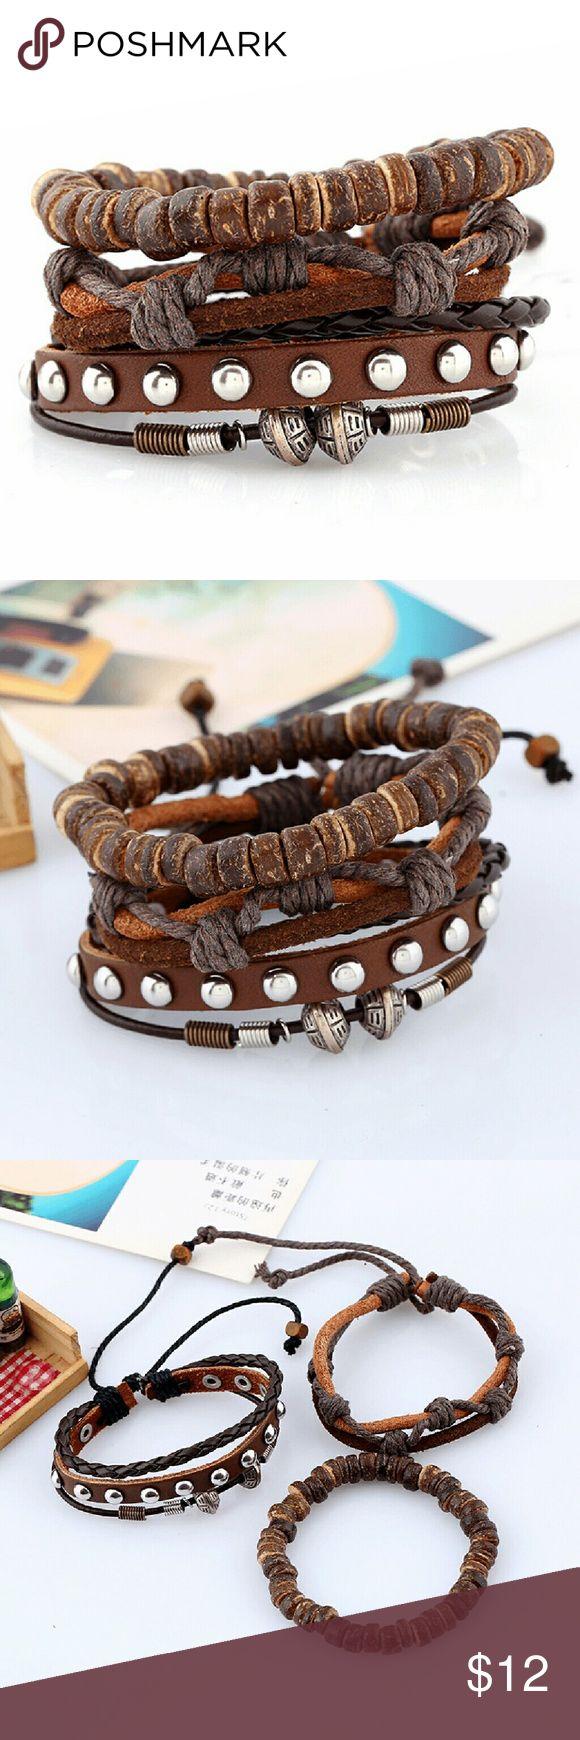 best bracelets images on pinterest jewerly leather bracelets